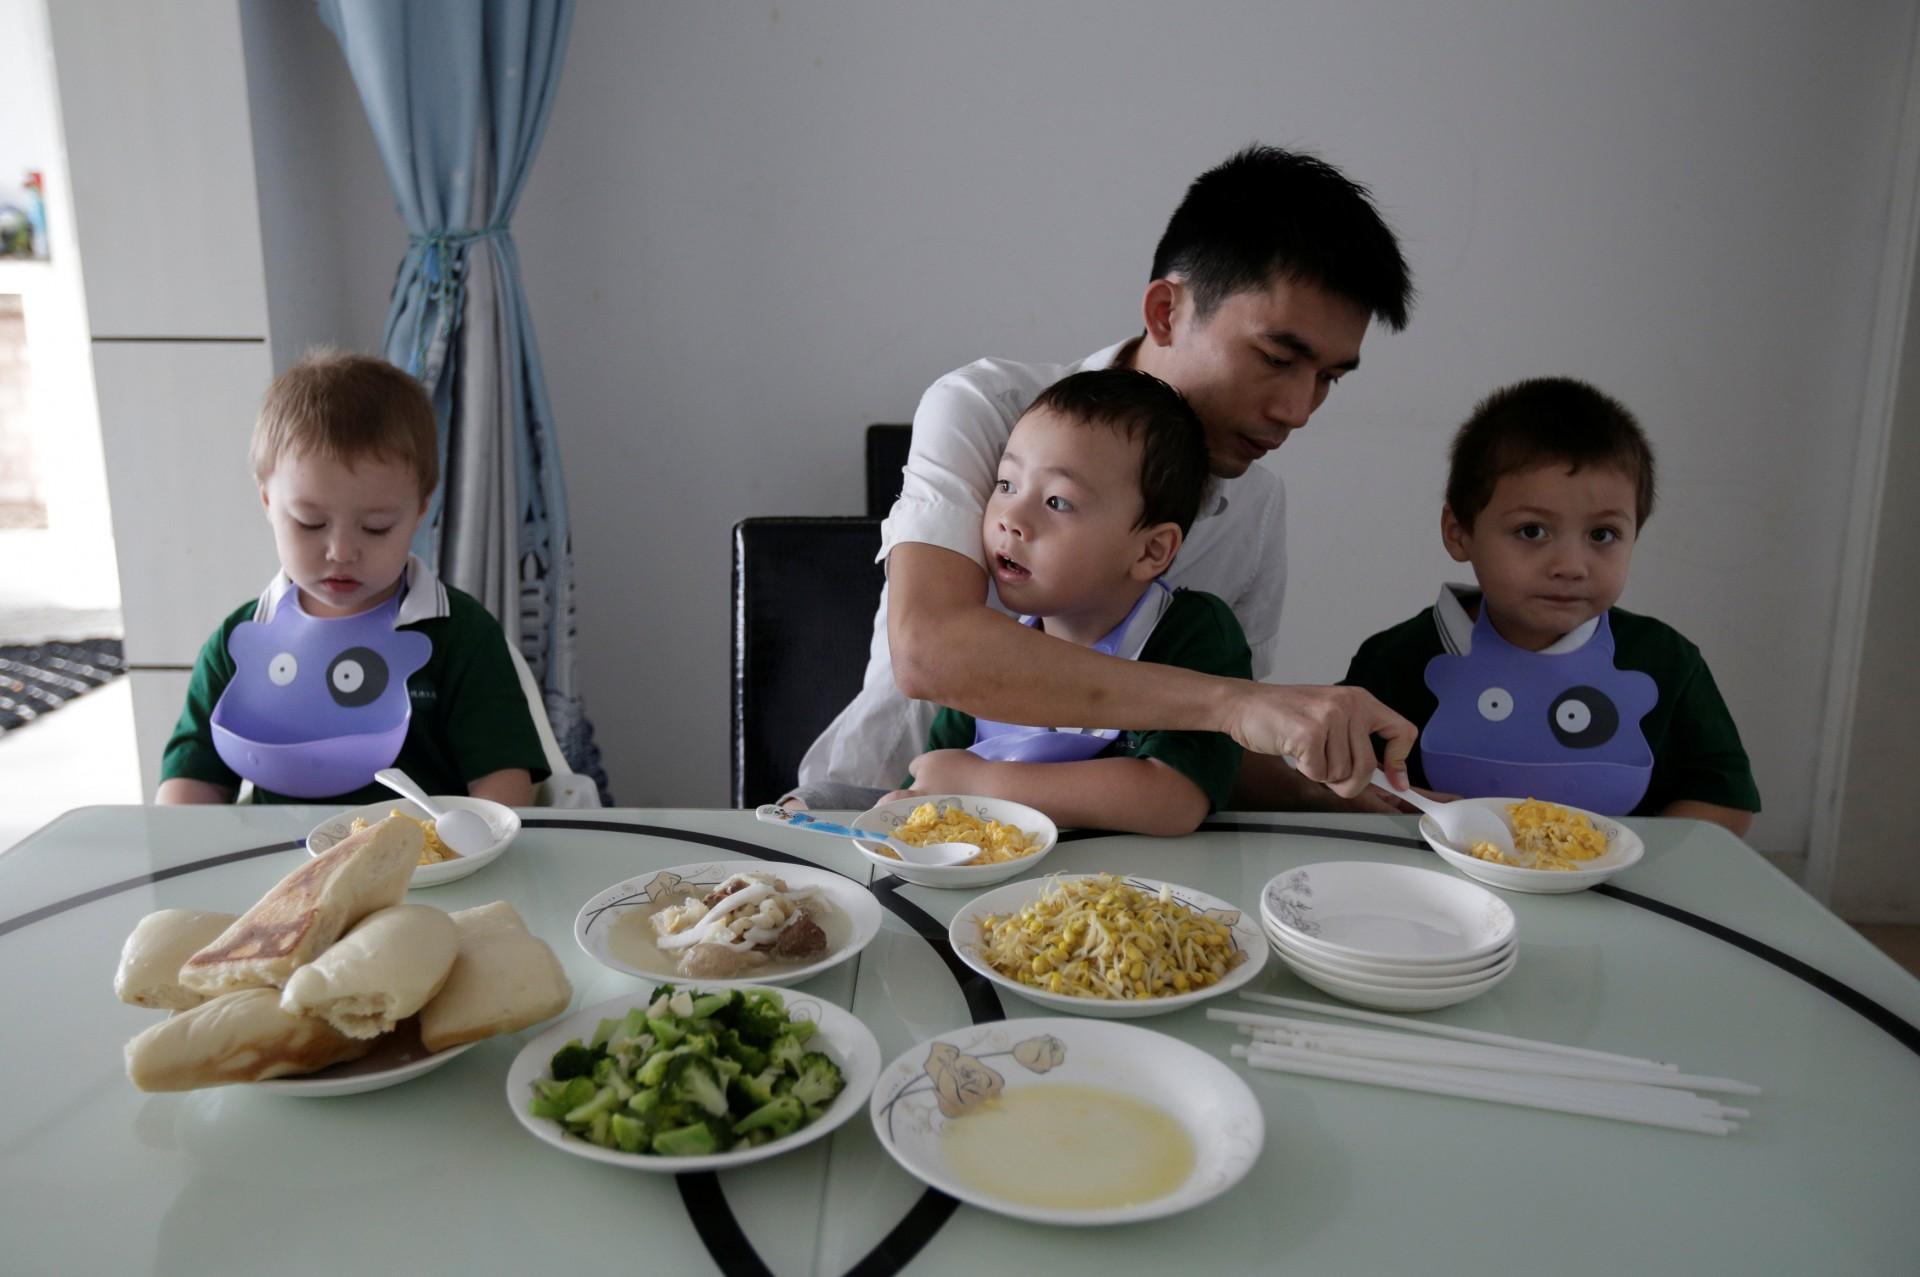 La parejade An Hui, Ye Jianbin, ayuda a sus trillizos . An Zhiya, An Zhizhong y An Zhifei desayunan en su casa,